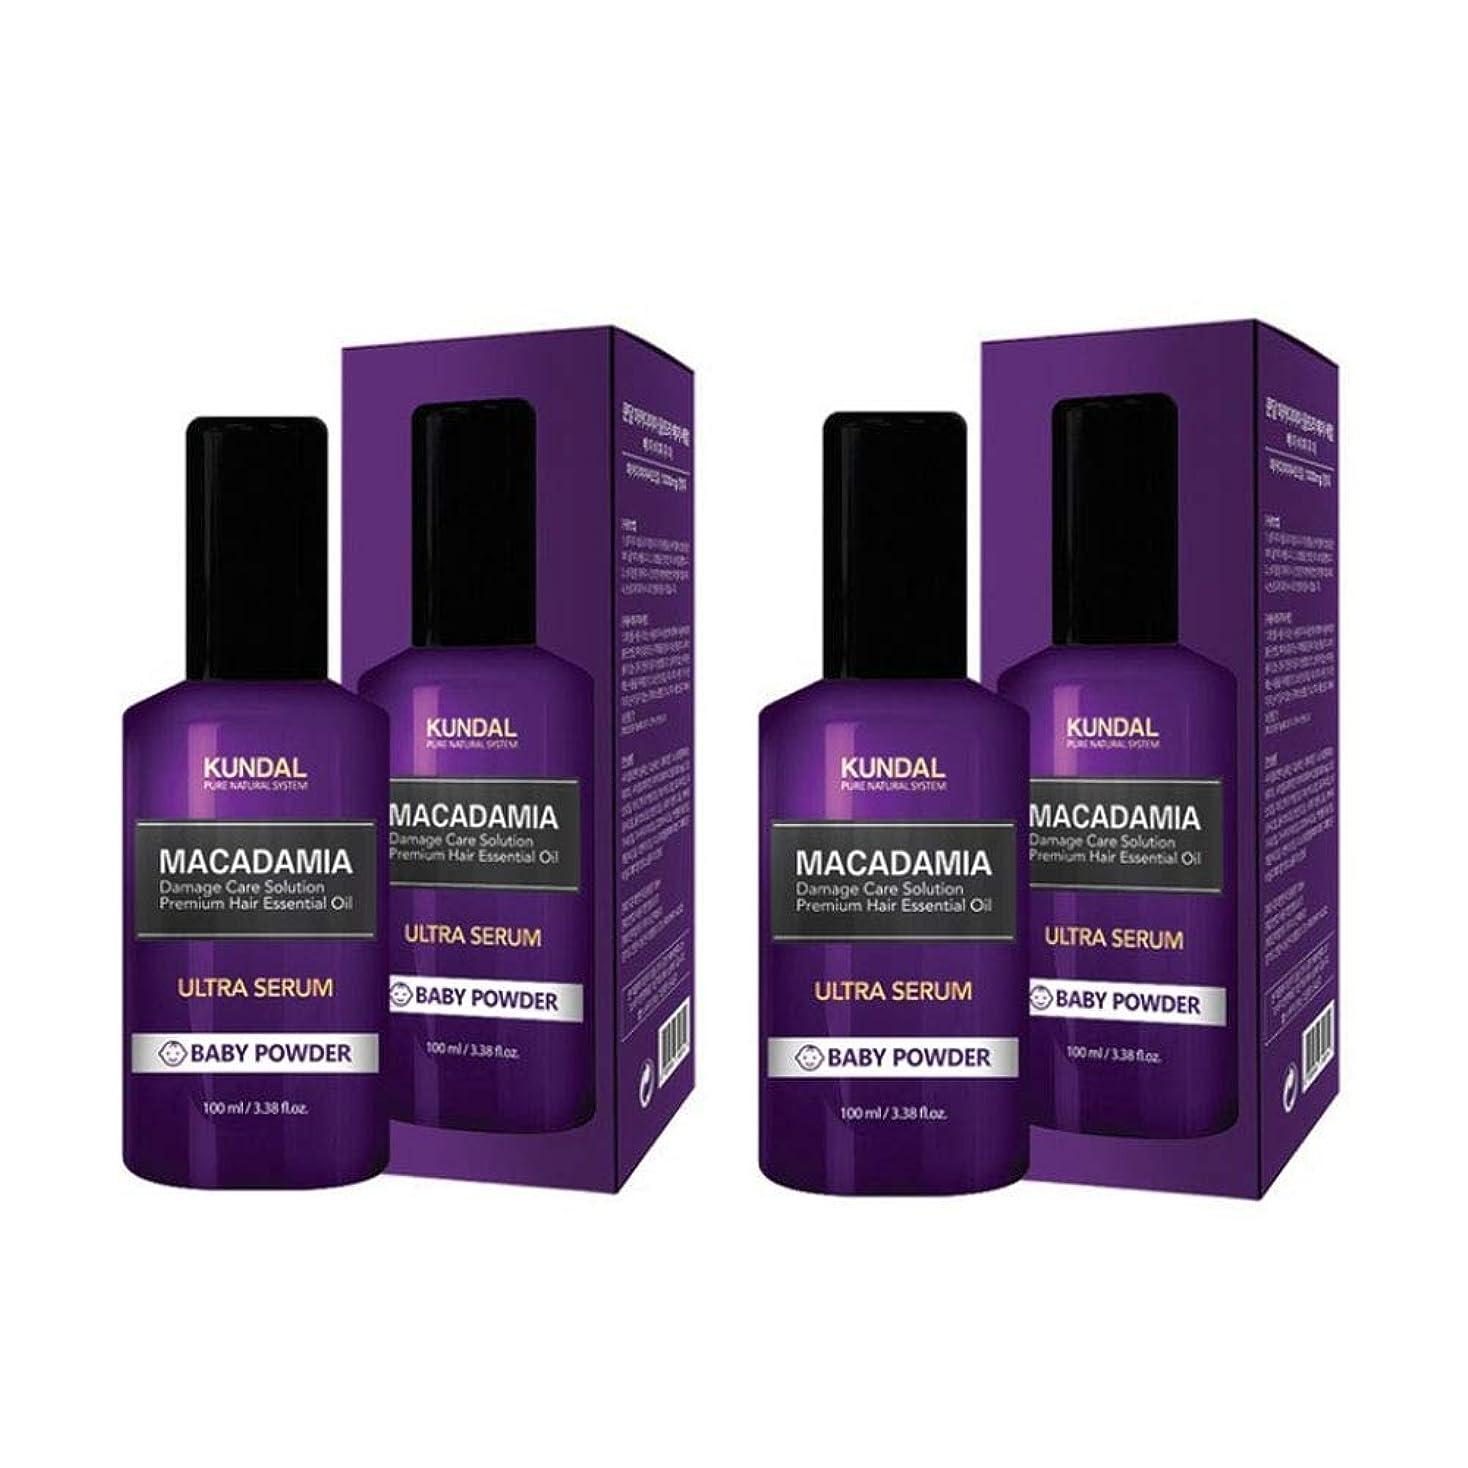 リングバック緑アトムクンダルマカダミアウルトラセラムヘアセラム100mlx2本セット韓国コスメ、Kundal Macadamia Ultra Serum Hair Serum 100ml x 2ea Set Korean Cosmetics [並行輸入品] (baby powder)